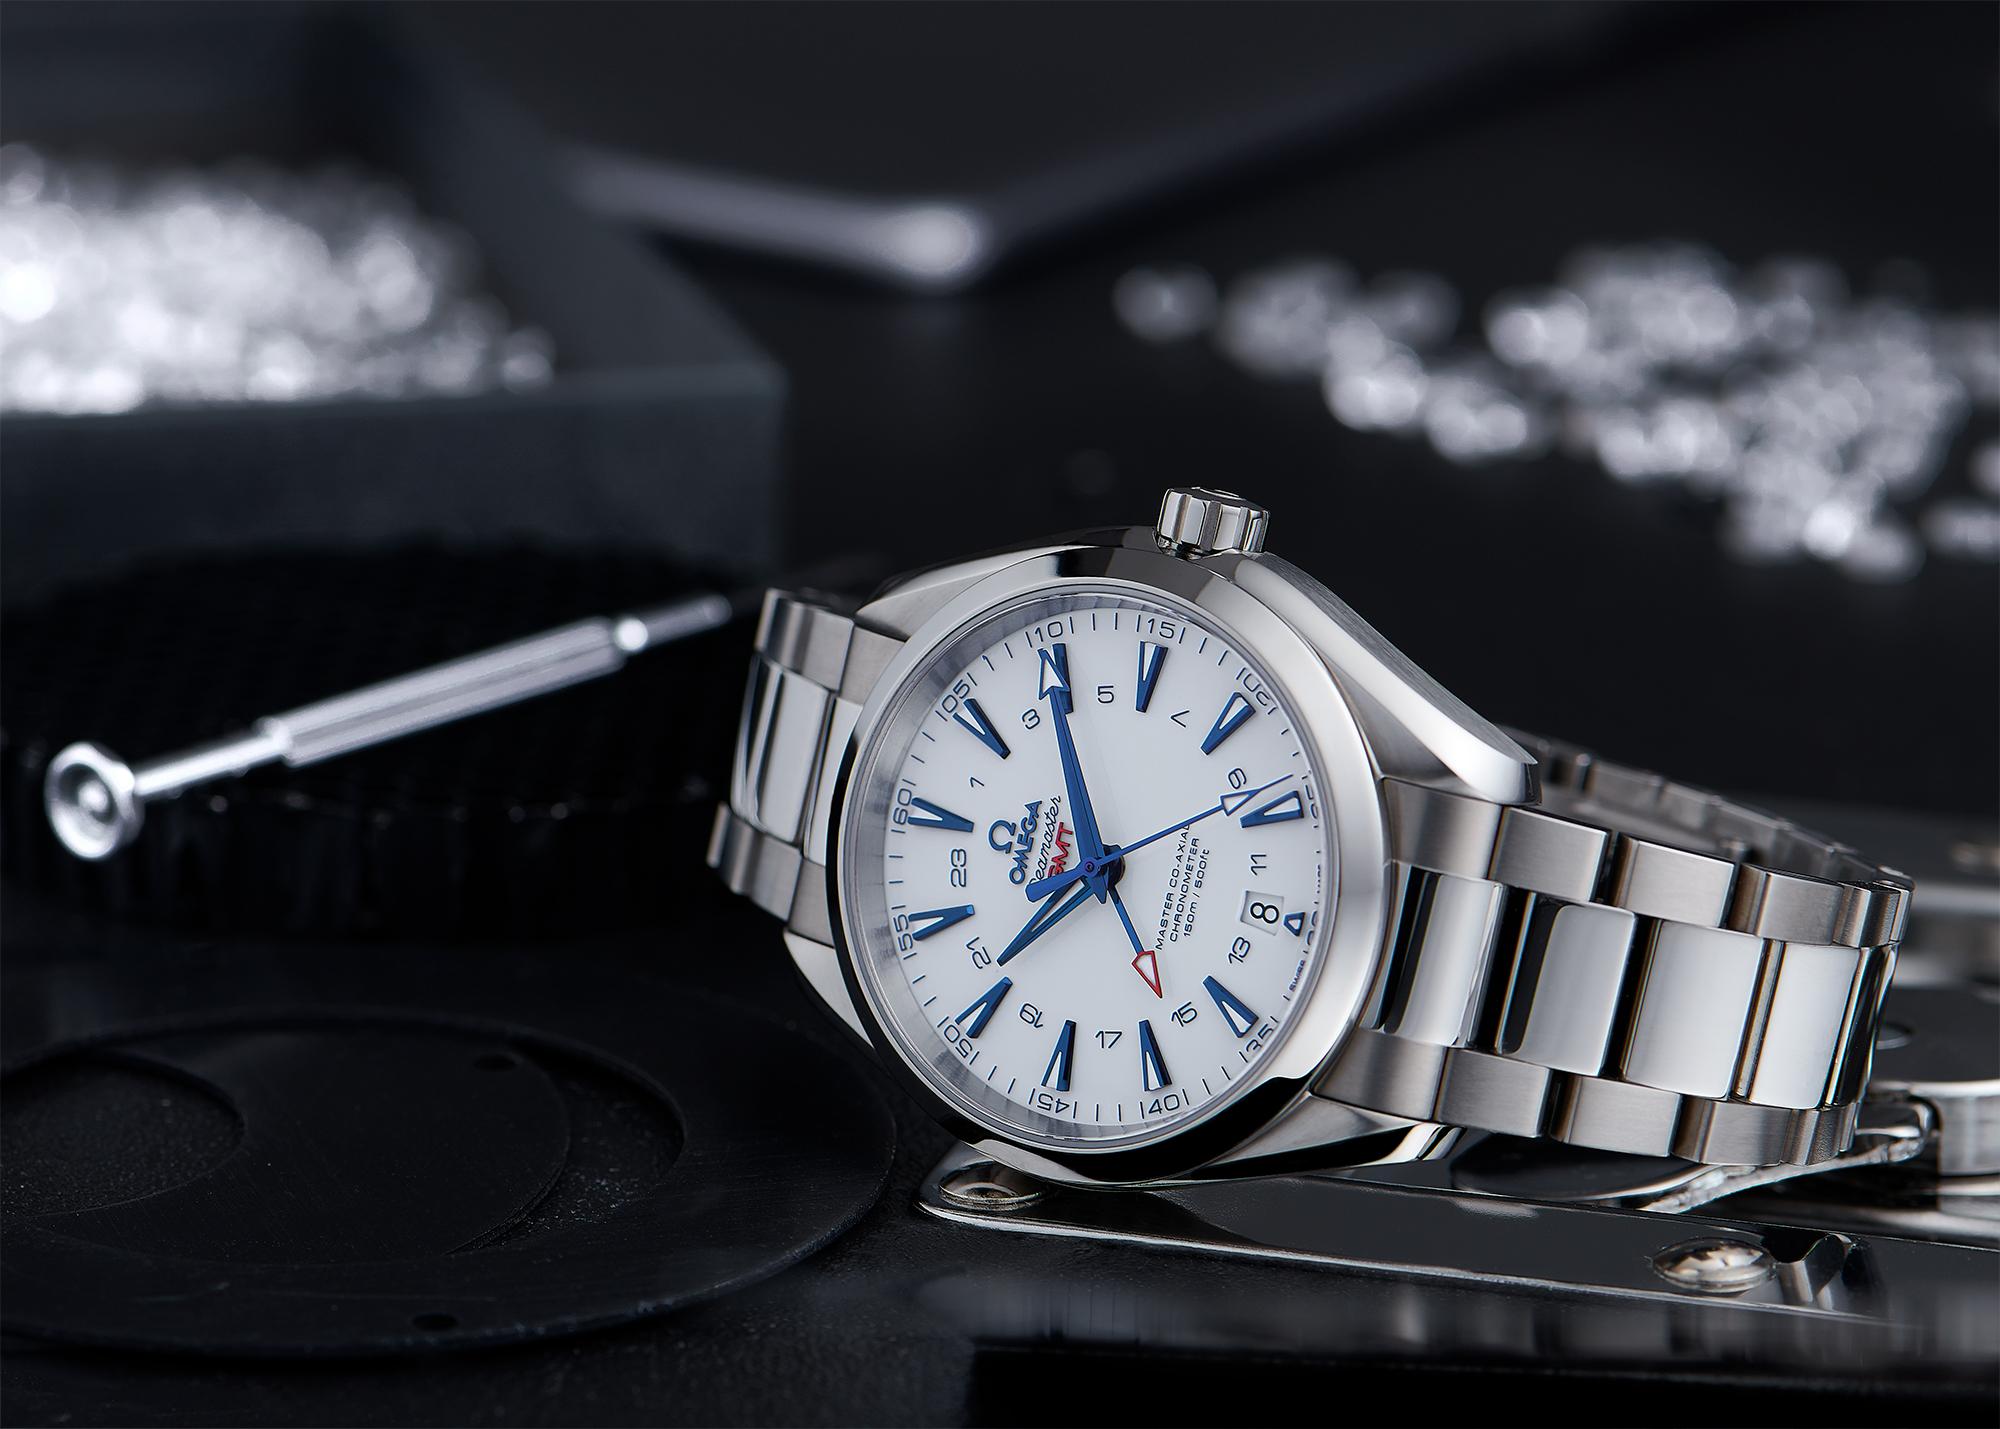 Image publicitaire still life de la montre Seamster Omage par le photographe Philippe Hahn